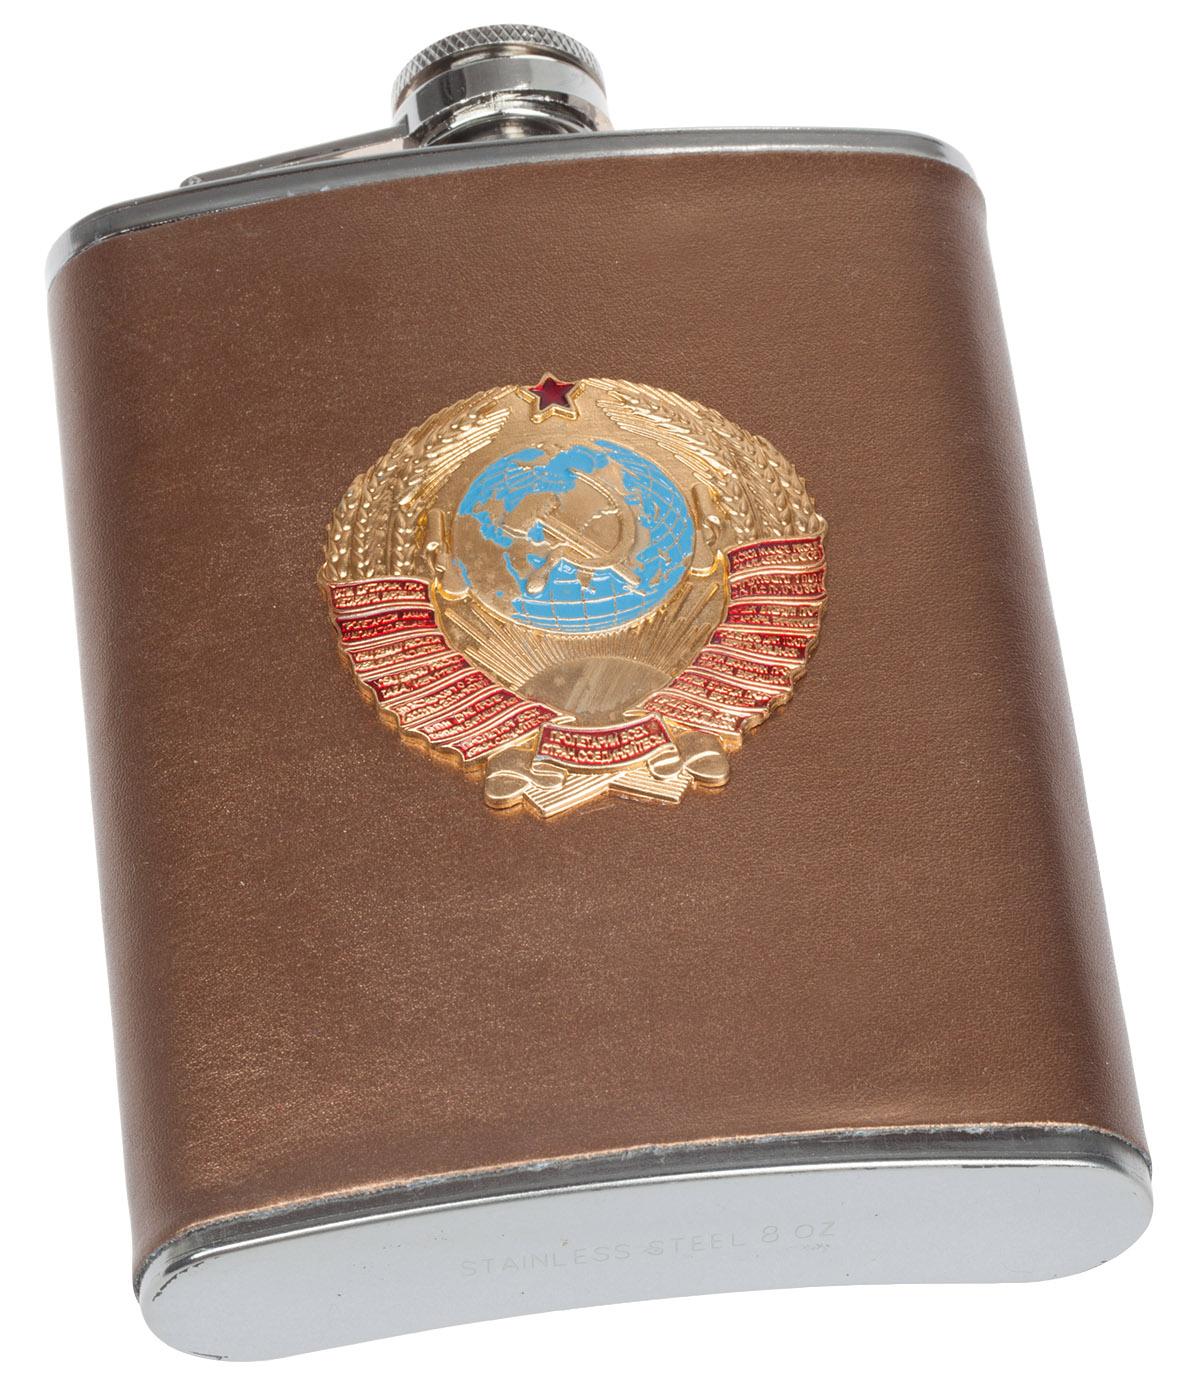 Купить фляжку в подарок рожденному в СССР недорого